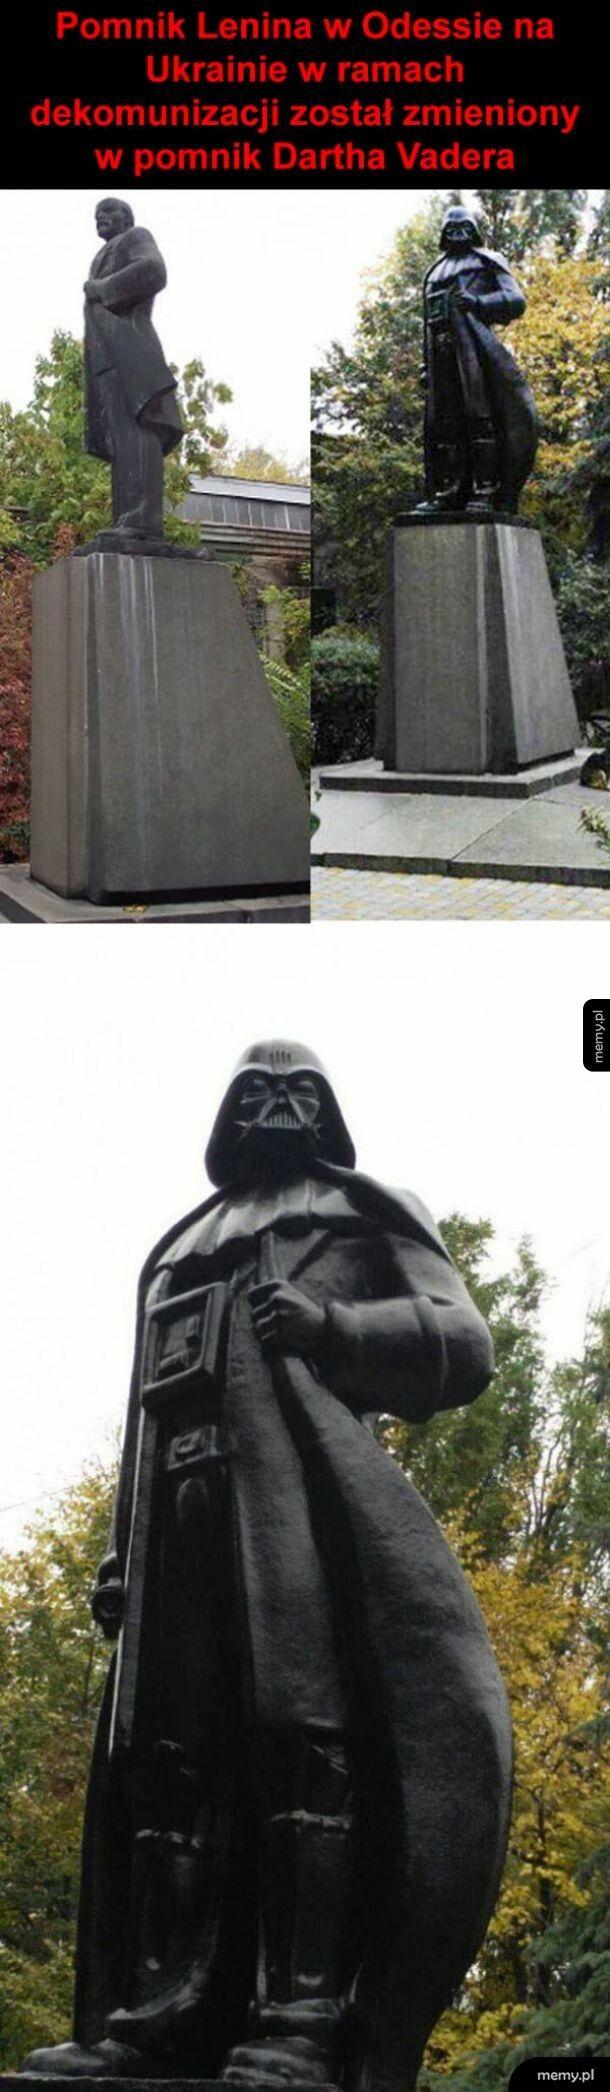 Lepszy pomnik